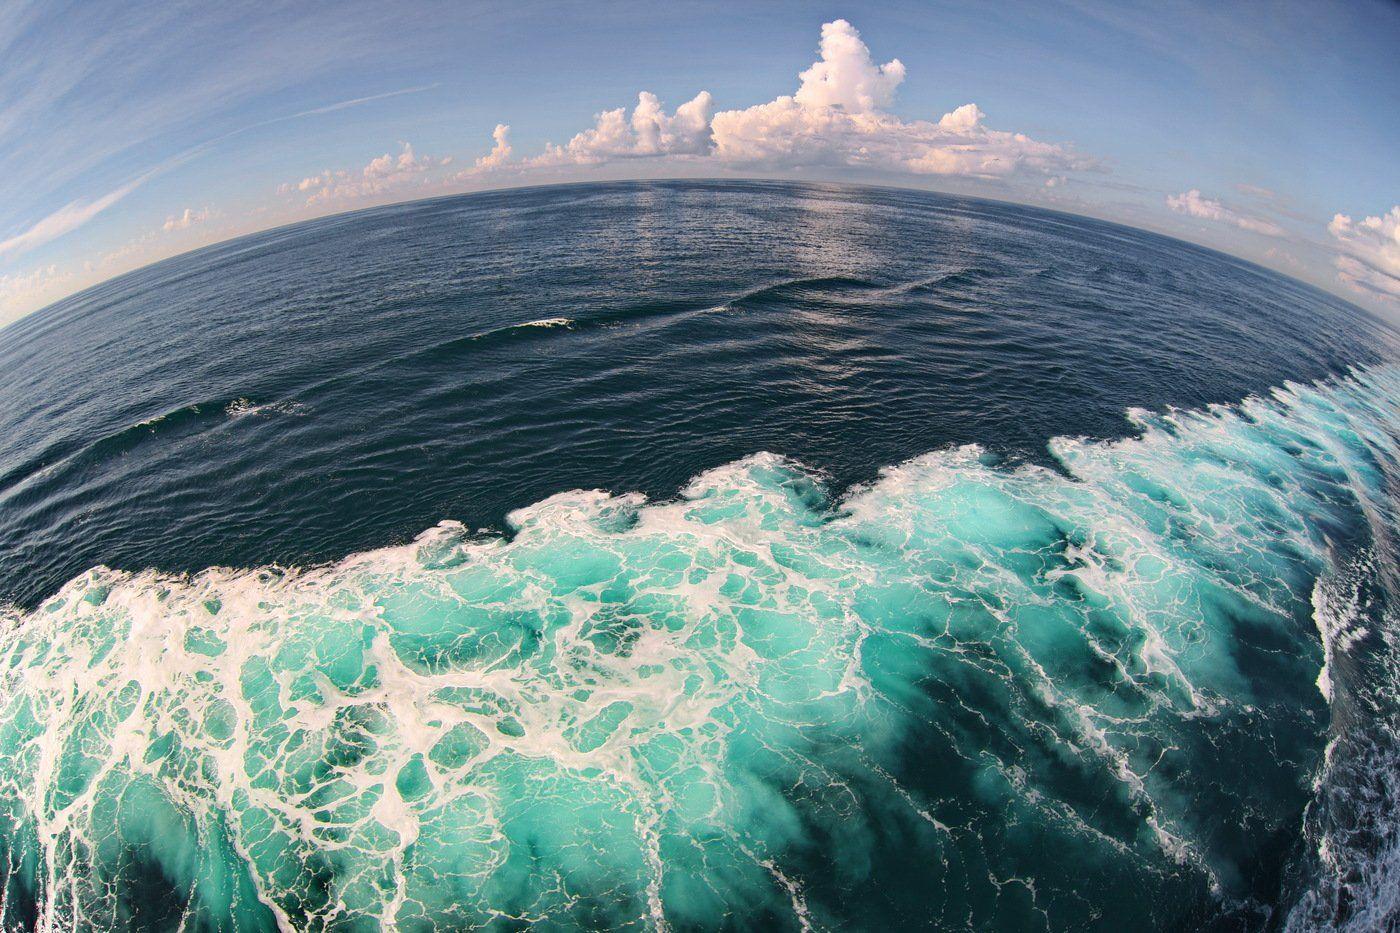 земля моря океаны картинки фотографии влюбленных